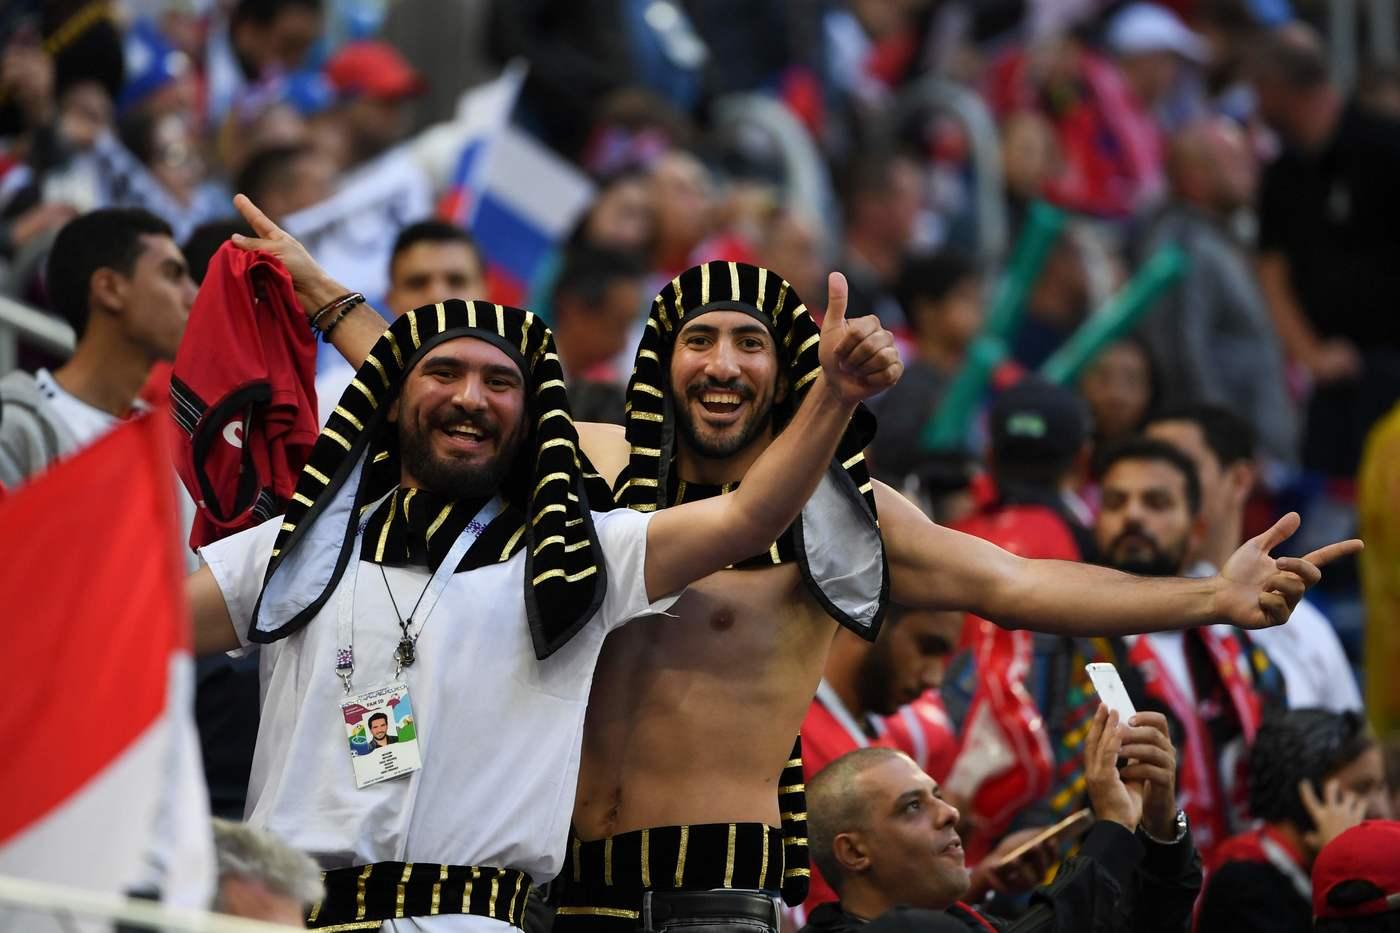 Egitto Premier League, Al Ahly-Nogoom lunedì 17 dicembre: analisi e pronostico del recupero della 12ma giornata del torneo egiziano